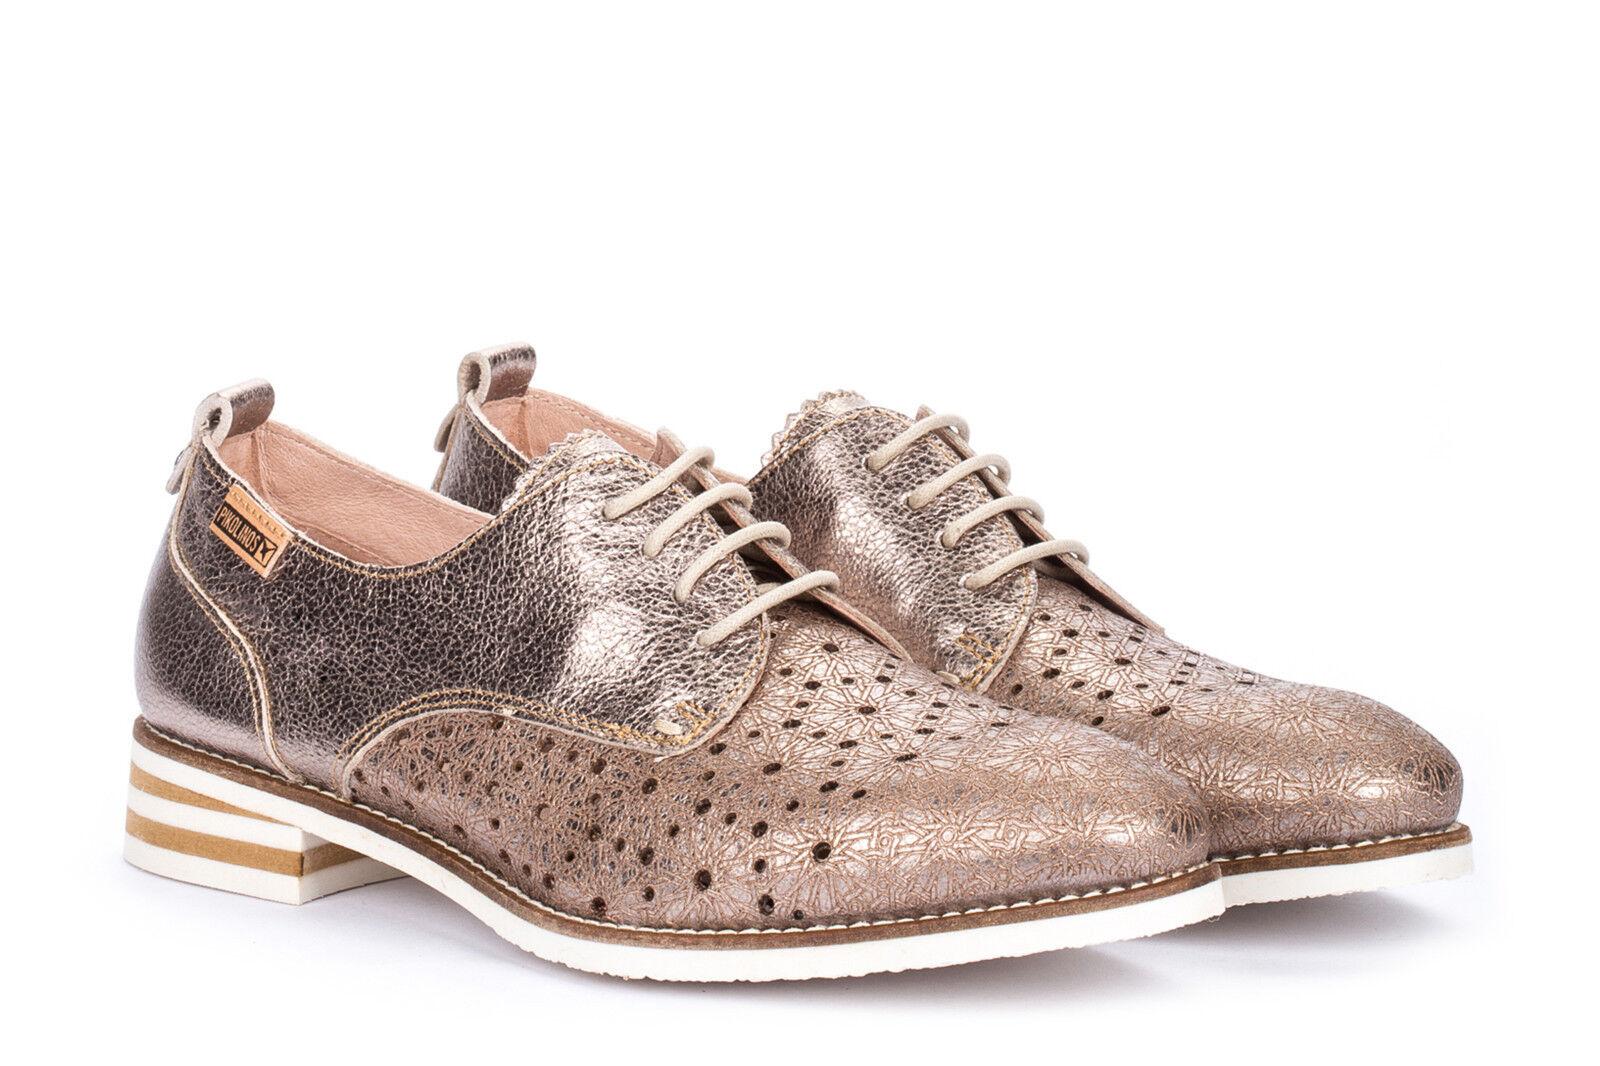 Zapatos De Cuero Pikolinos Zapatos Oxford Royal Casual Con Oxfords Nuevos Con Casual Cordones 1265f6